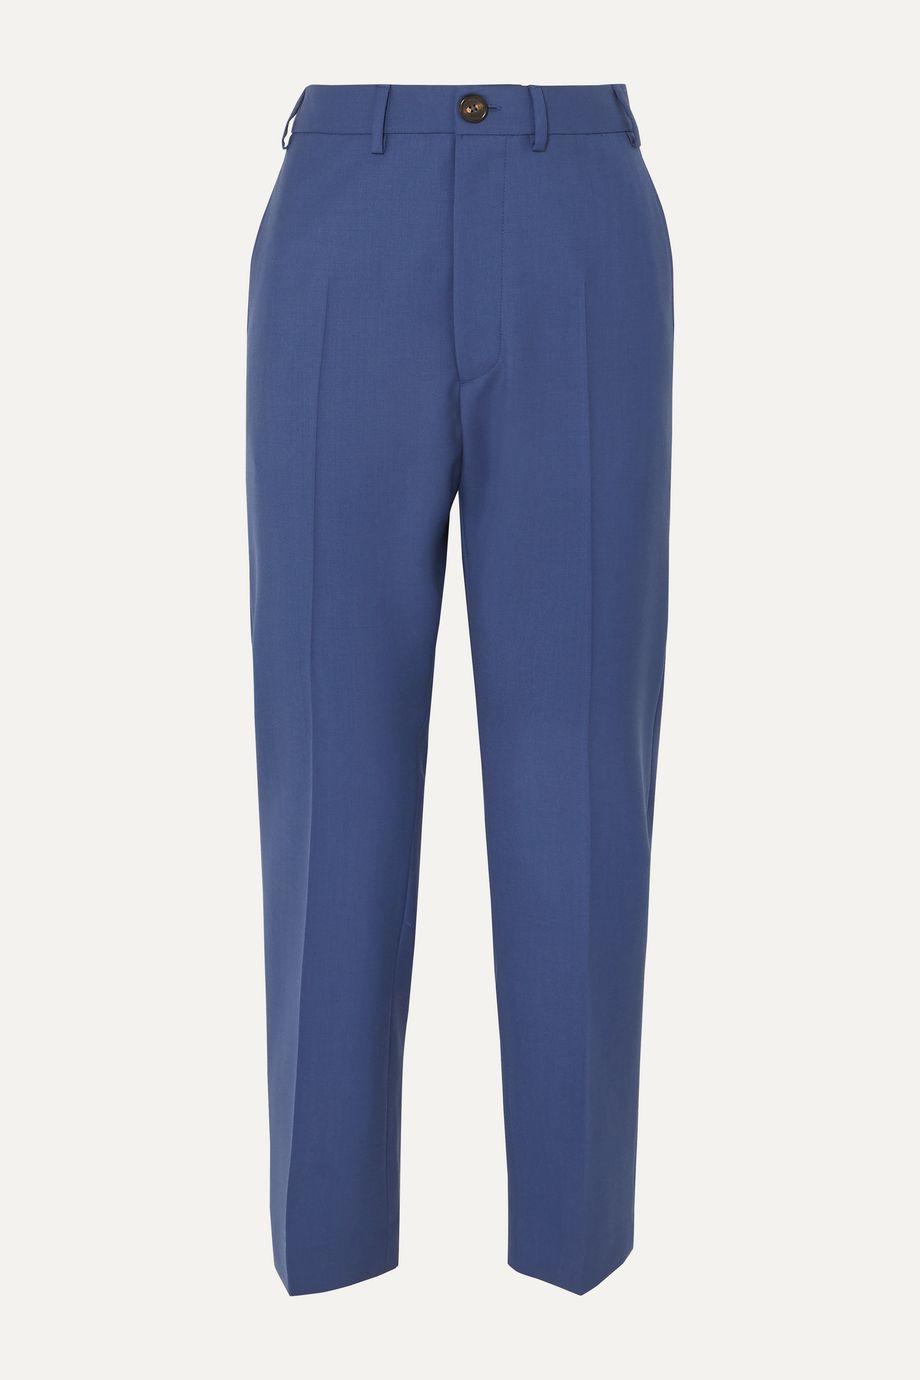 Vivienne Westwood Long George wool slim-fit pants